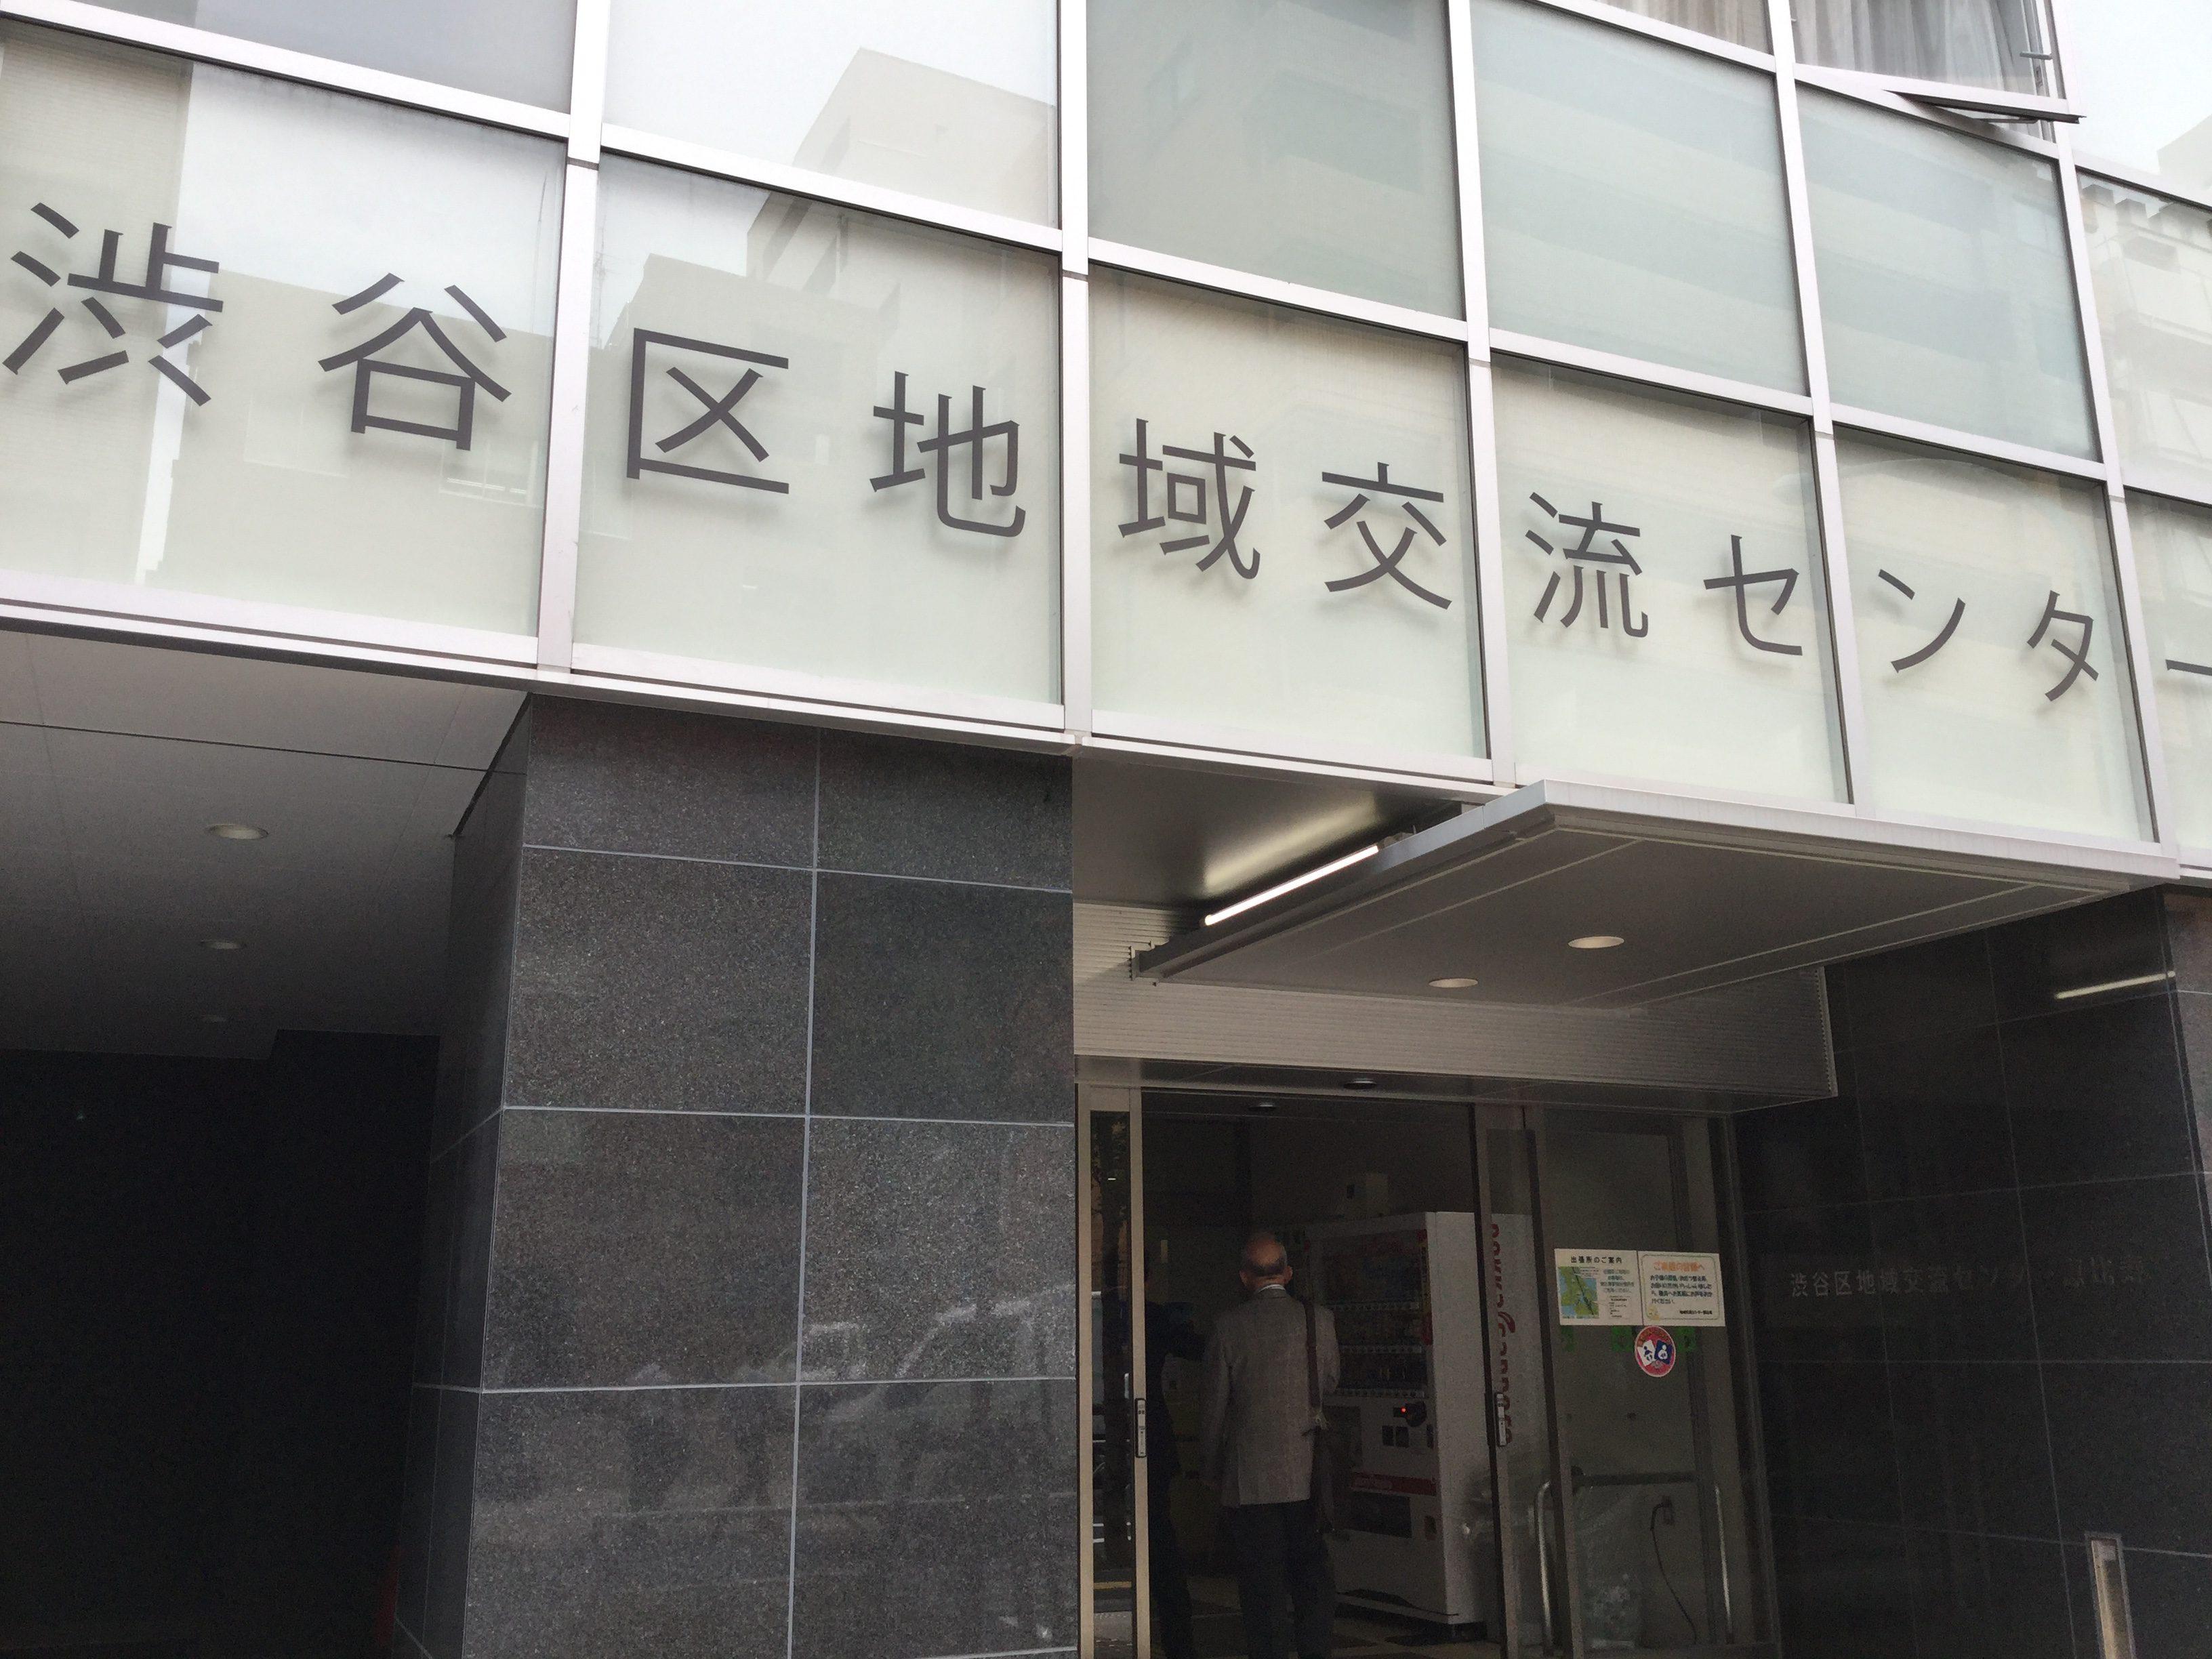 5月20日「吉野からみる日本の歴史」